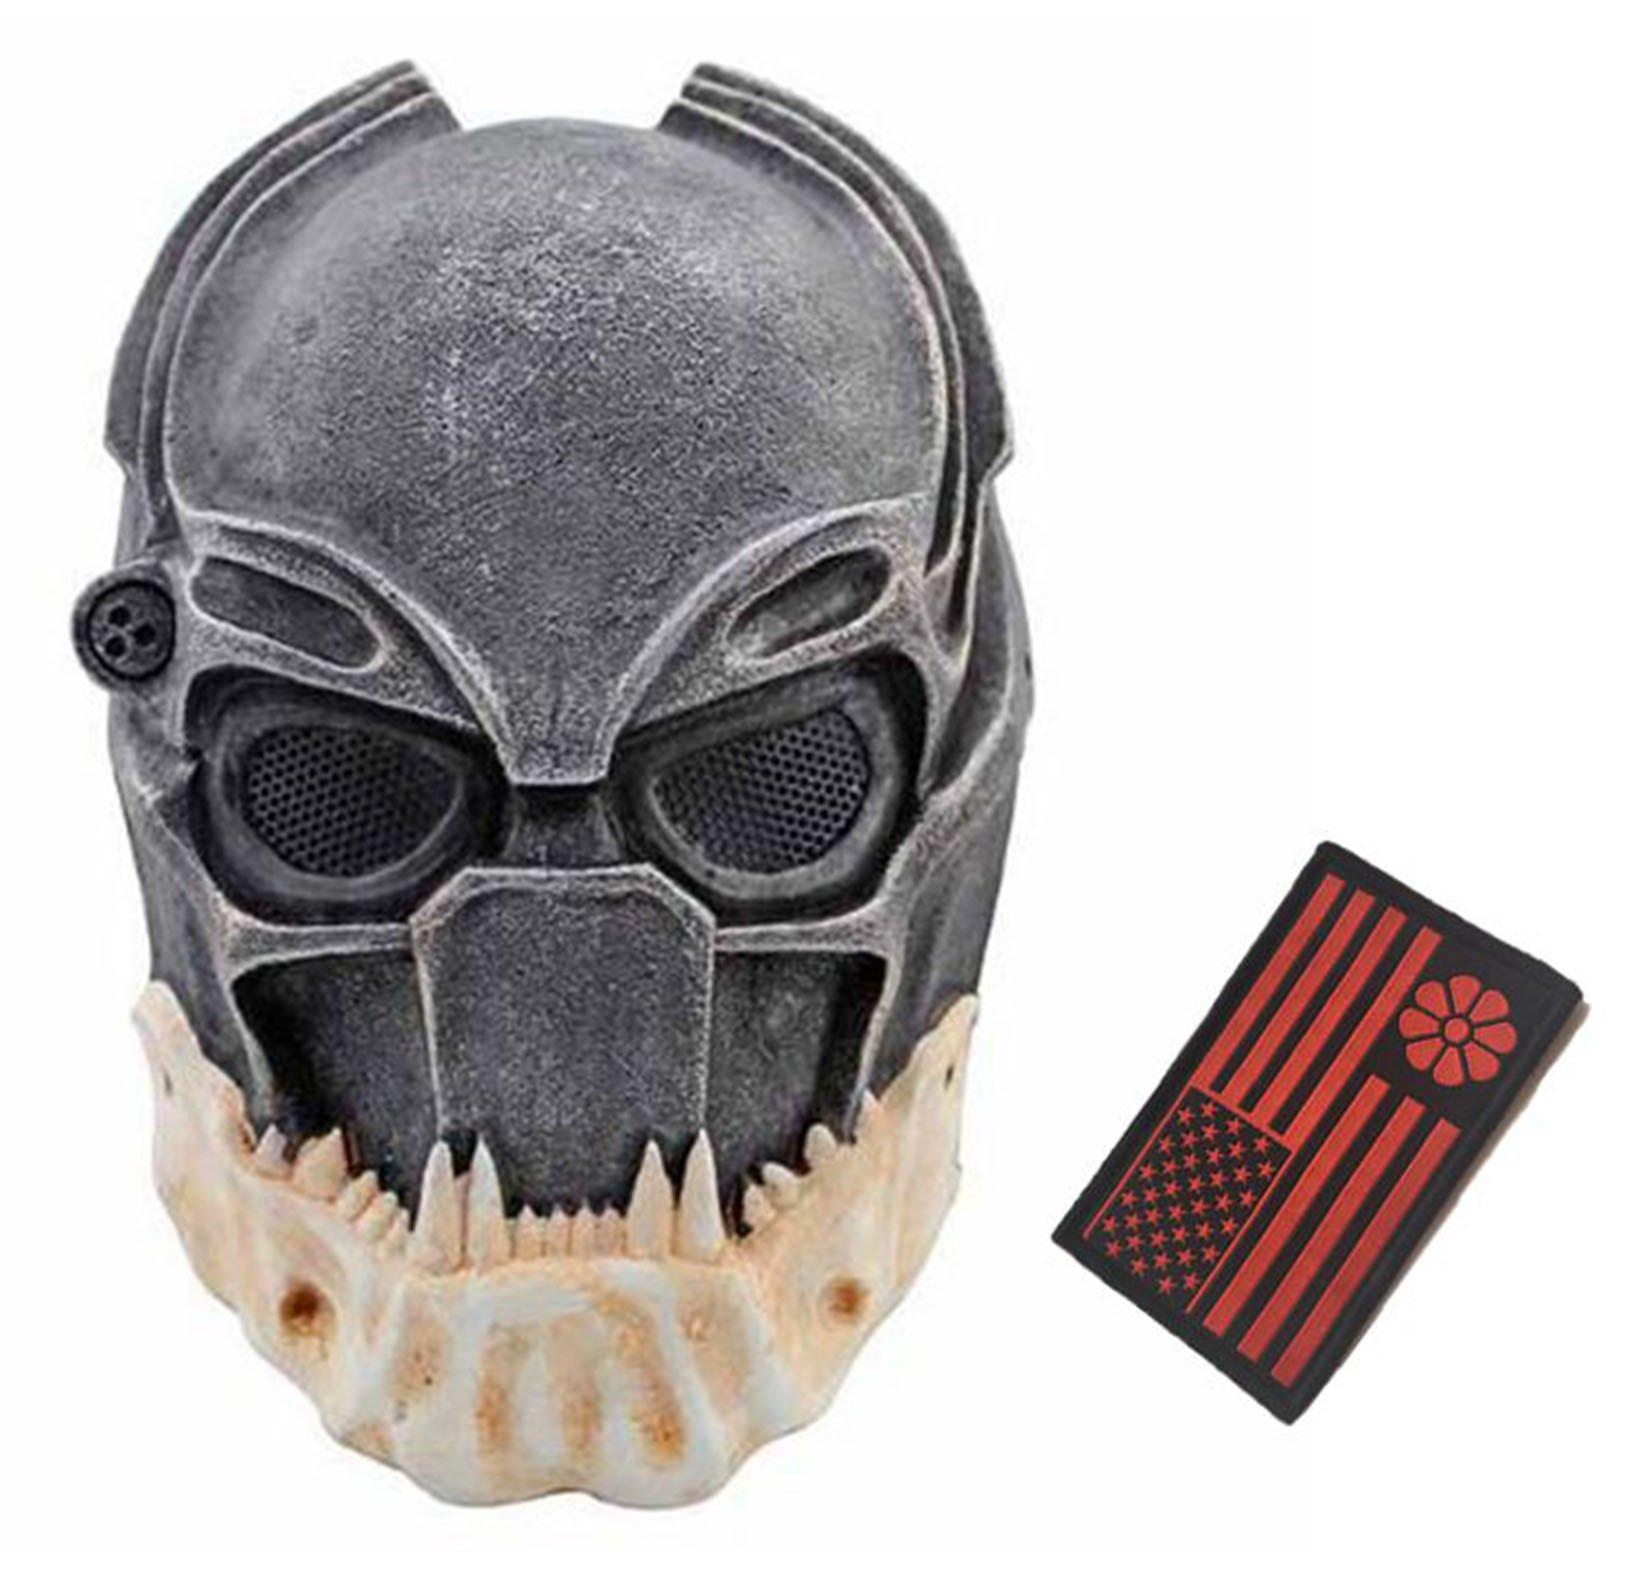 Eternal Heart WT606 Wire Mesh Alien Vs Predator AVP Wolf Full Face Protection Mask (Multicolor) by Eternal Heart